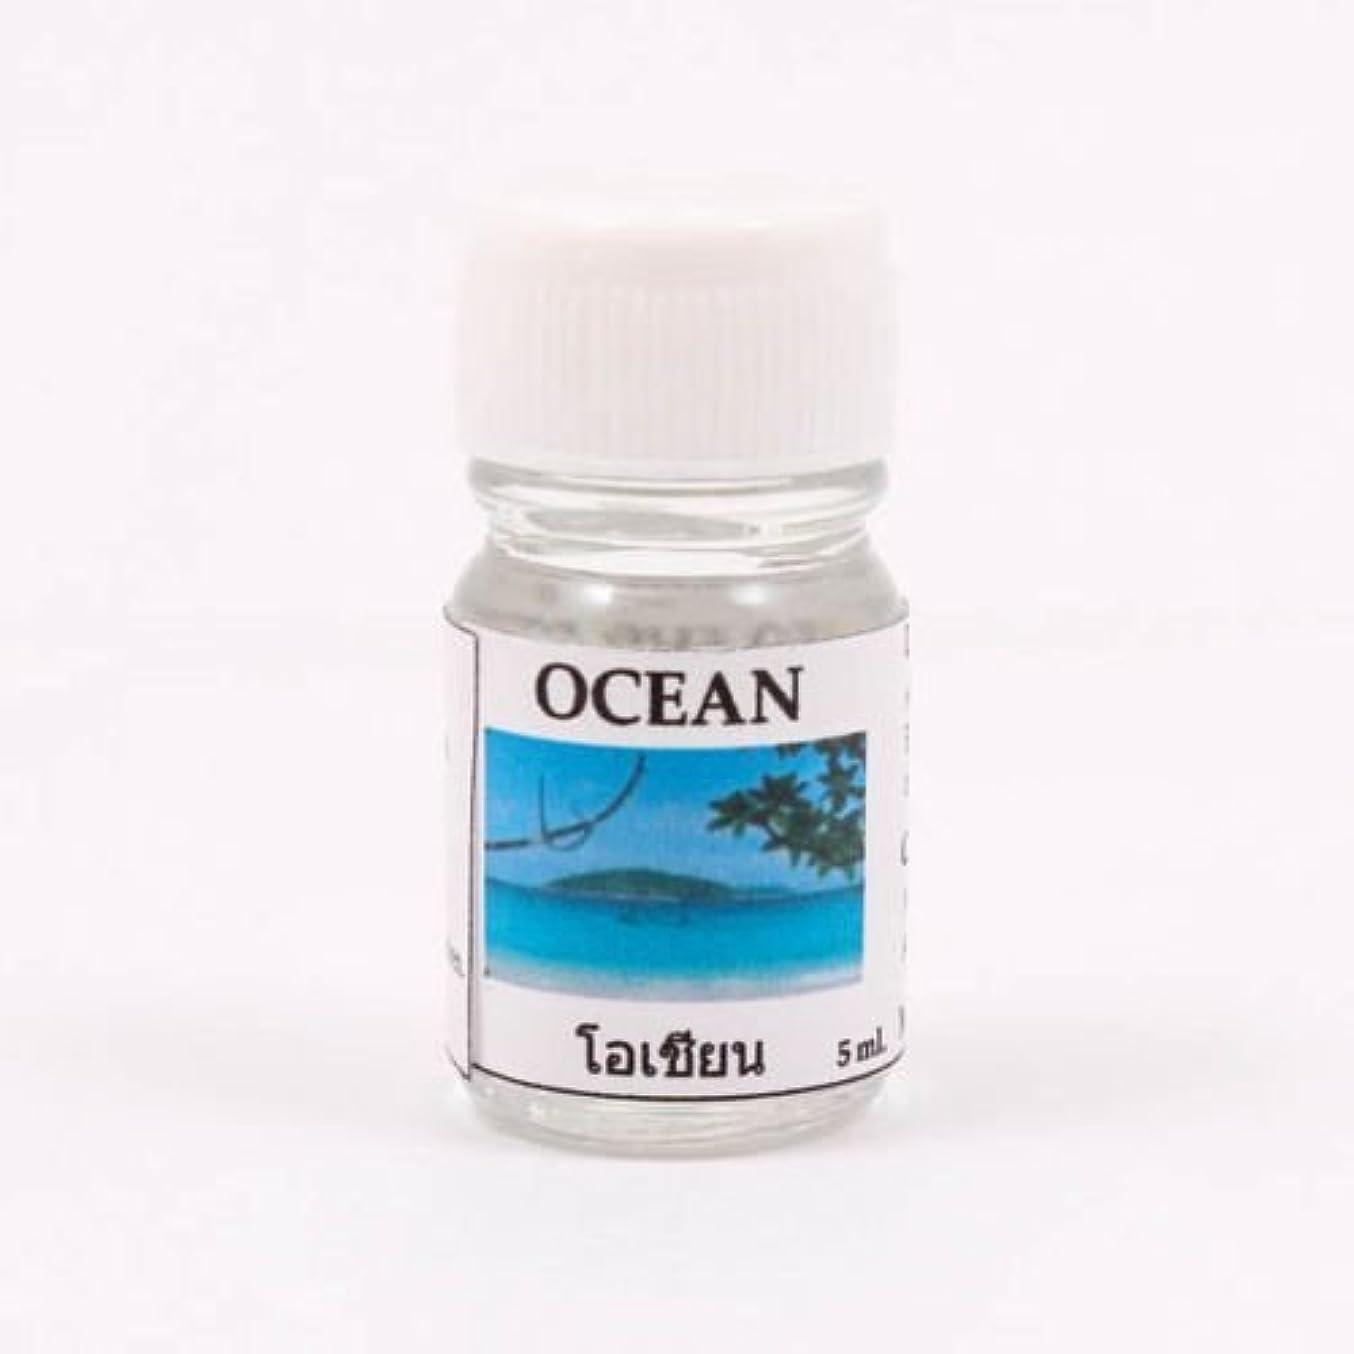 セイはさておき実現可能前者6X Ocean Aroma Fragrance Essential Oil 5ML. (cc) Diffuser Burner Therapy